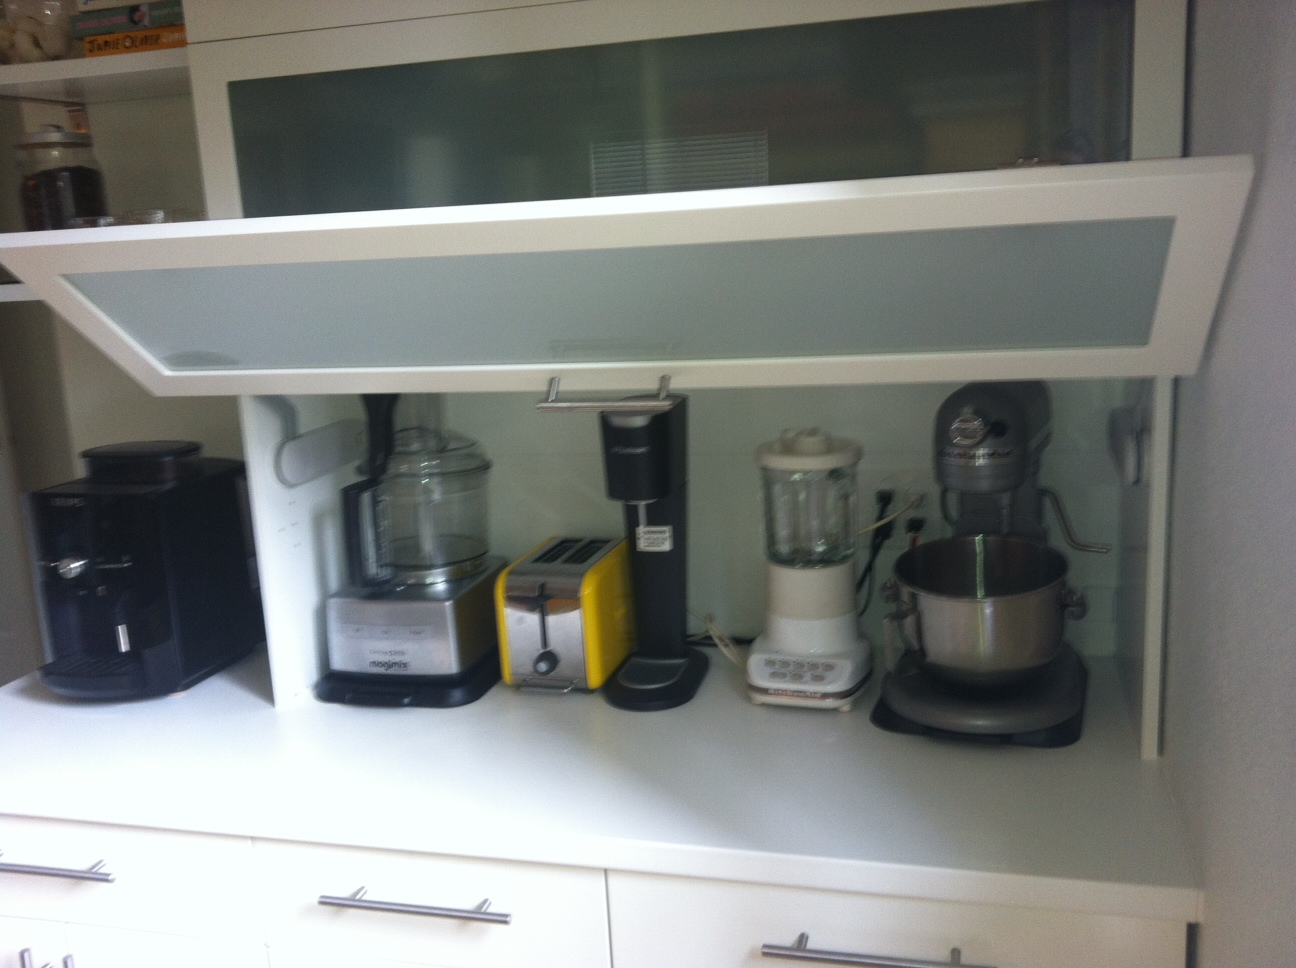 Kitchen Appliance Shelf Eat In Table Garage Via Ikea Hackers Tarzy Blogja